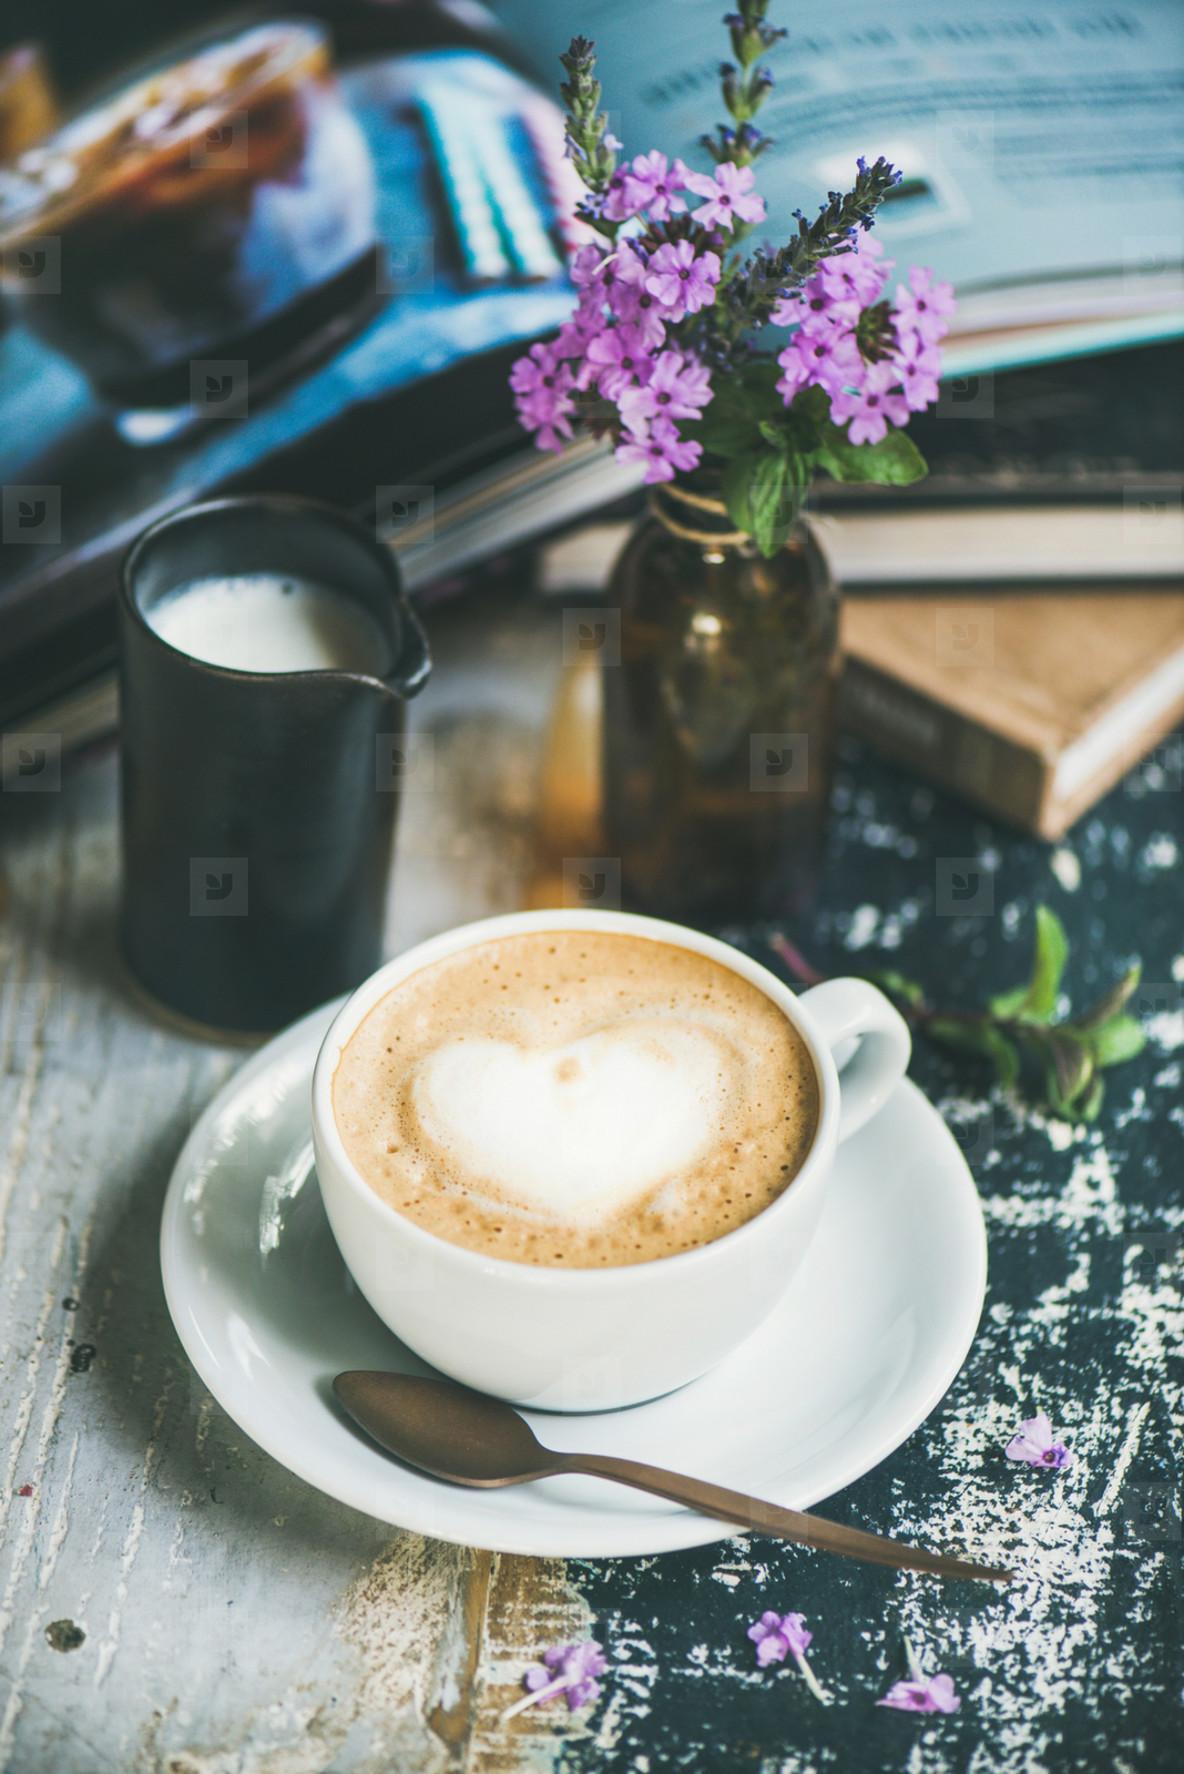 Classic foamy cappuccino coffee